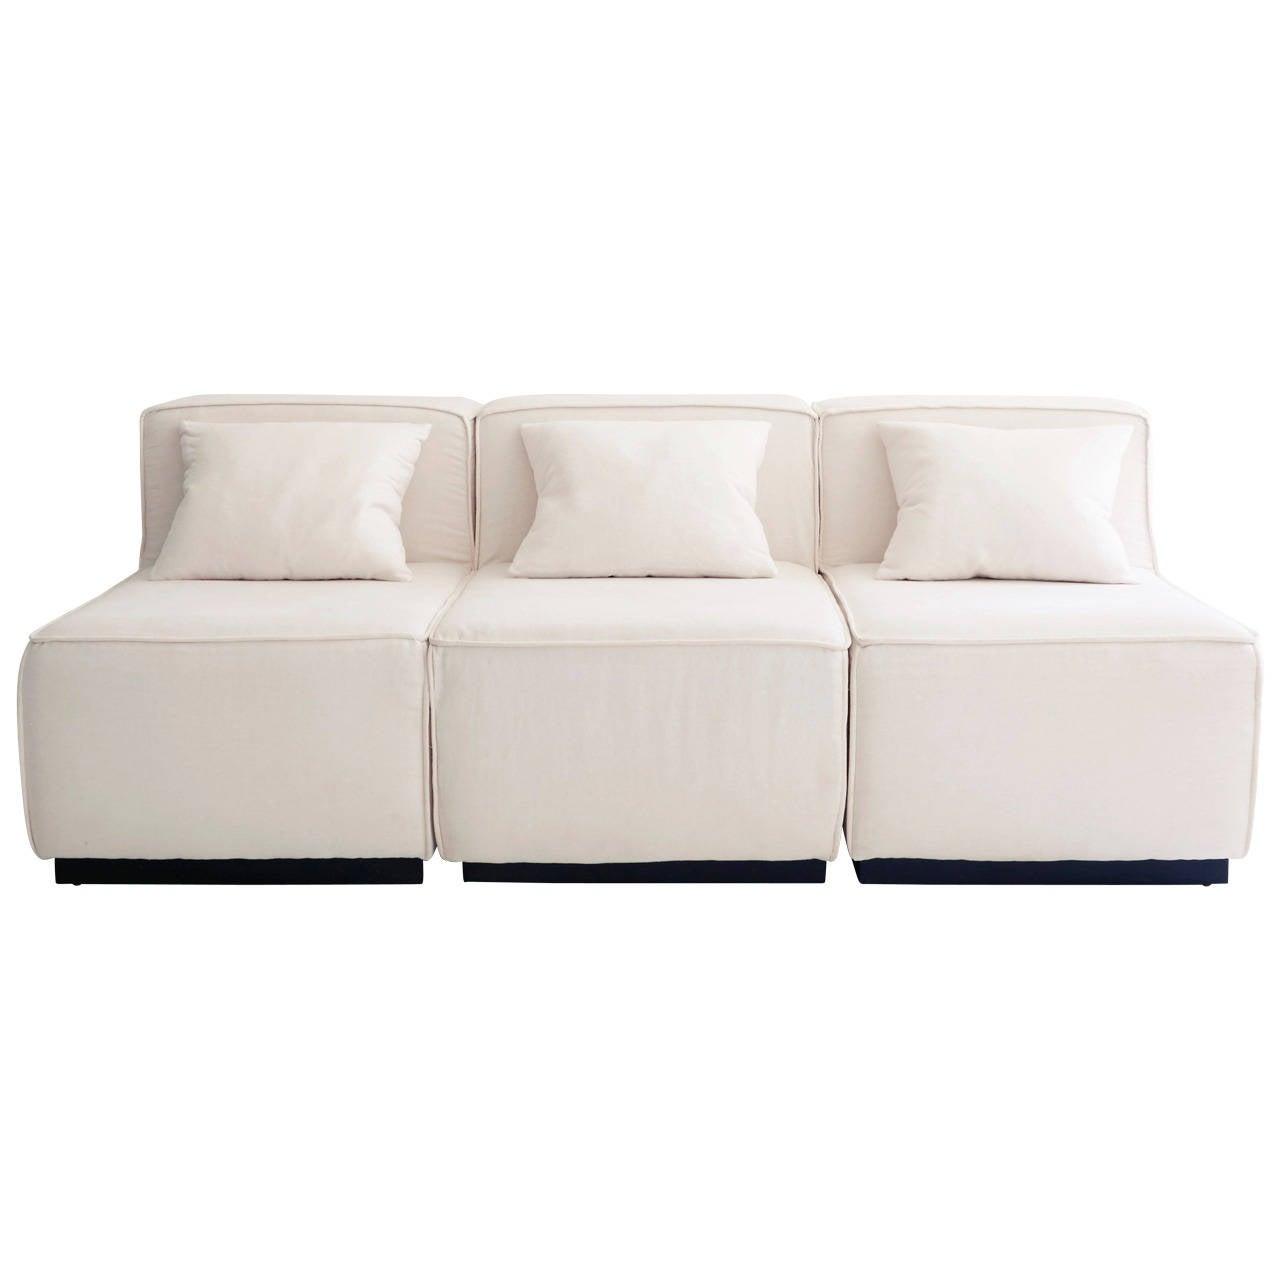 Modular Sofa By ASH NYC At 1stdibs